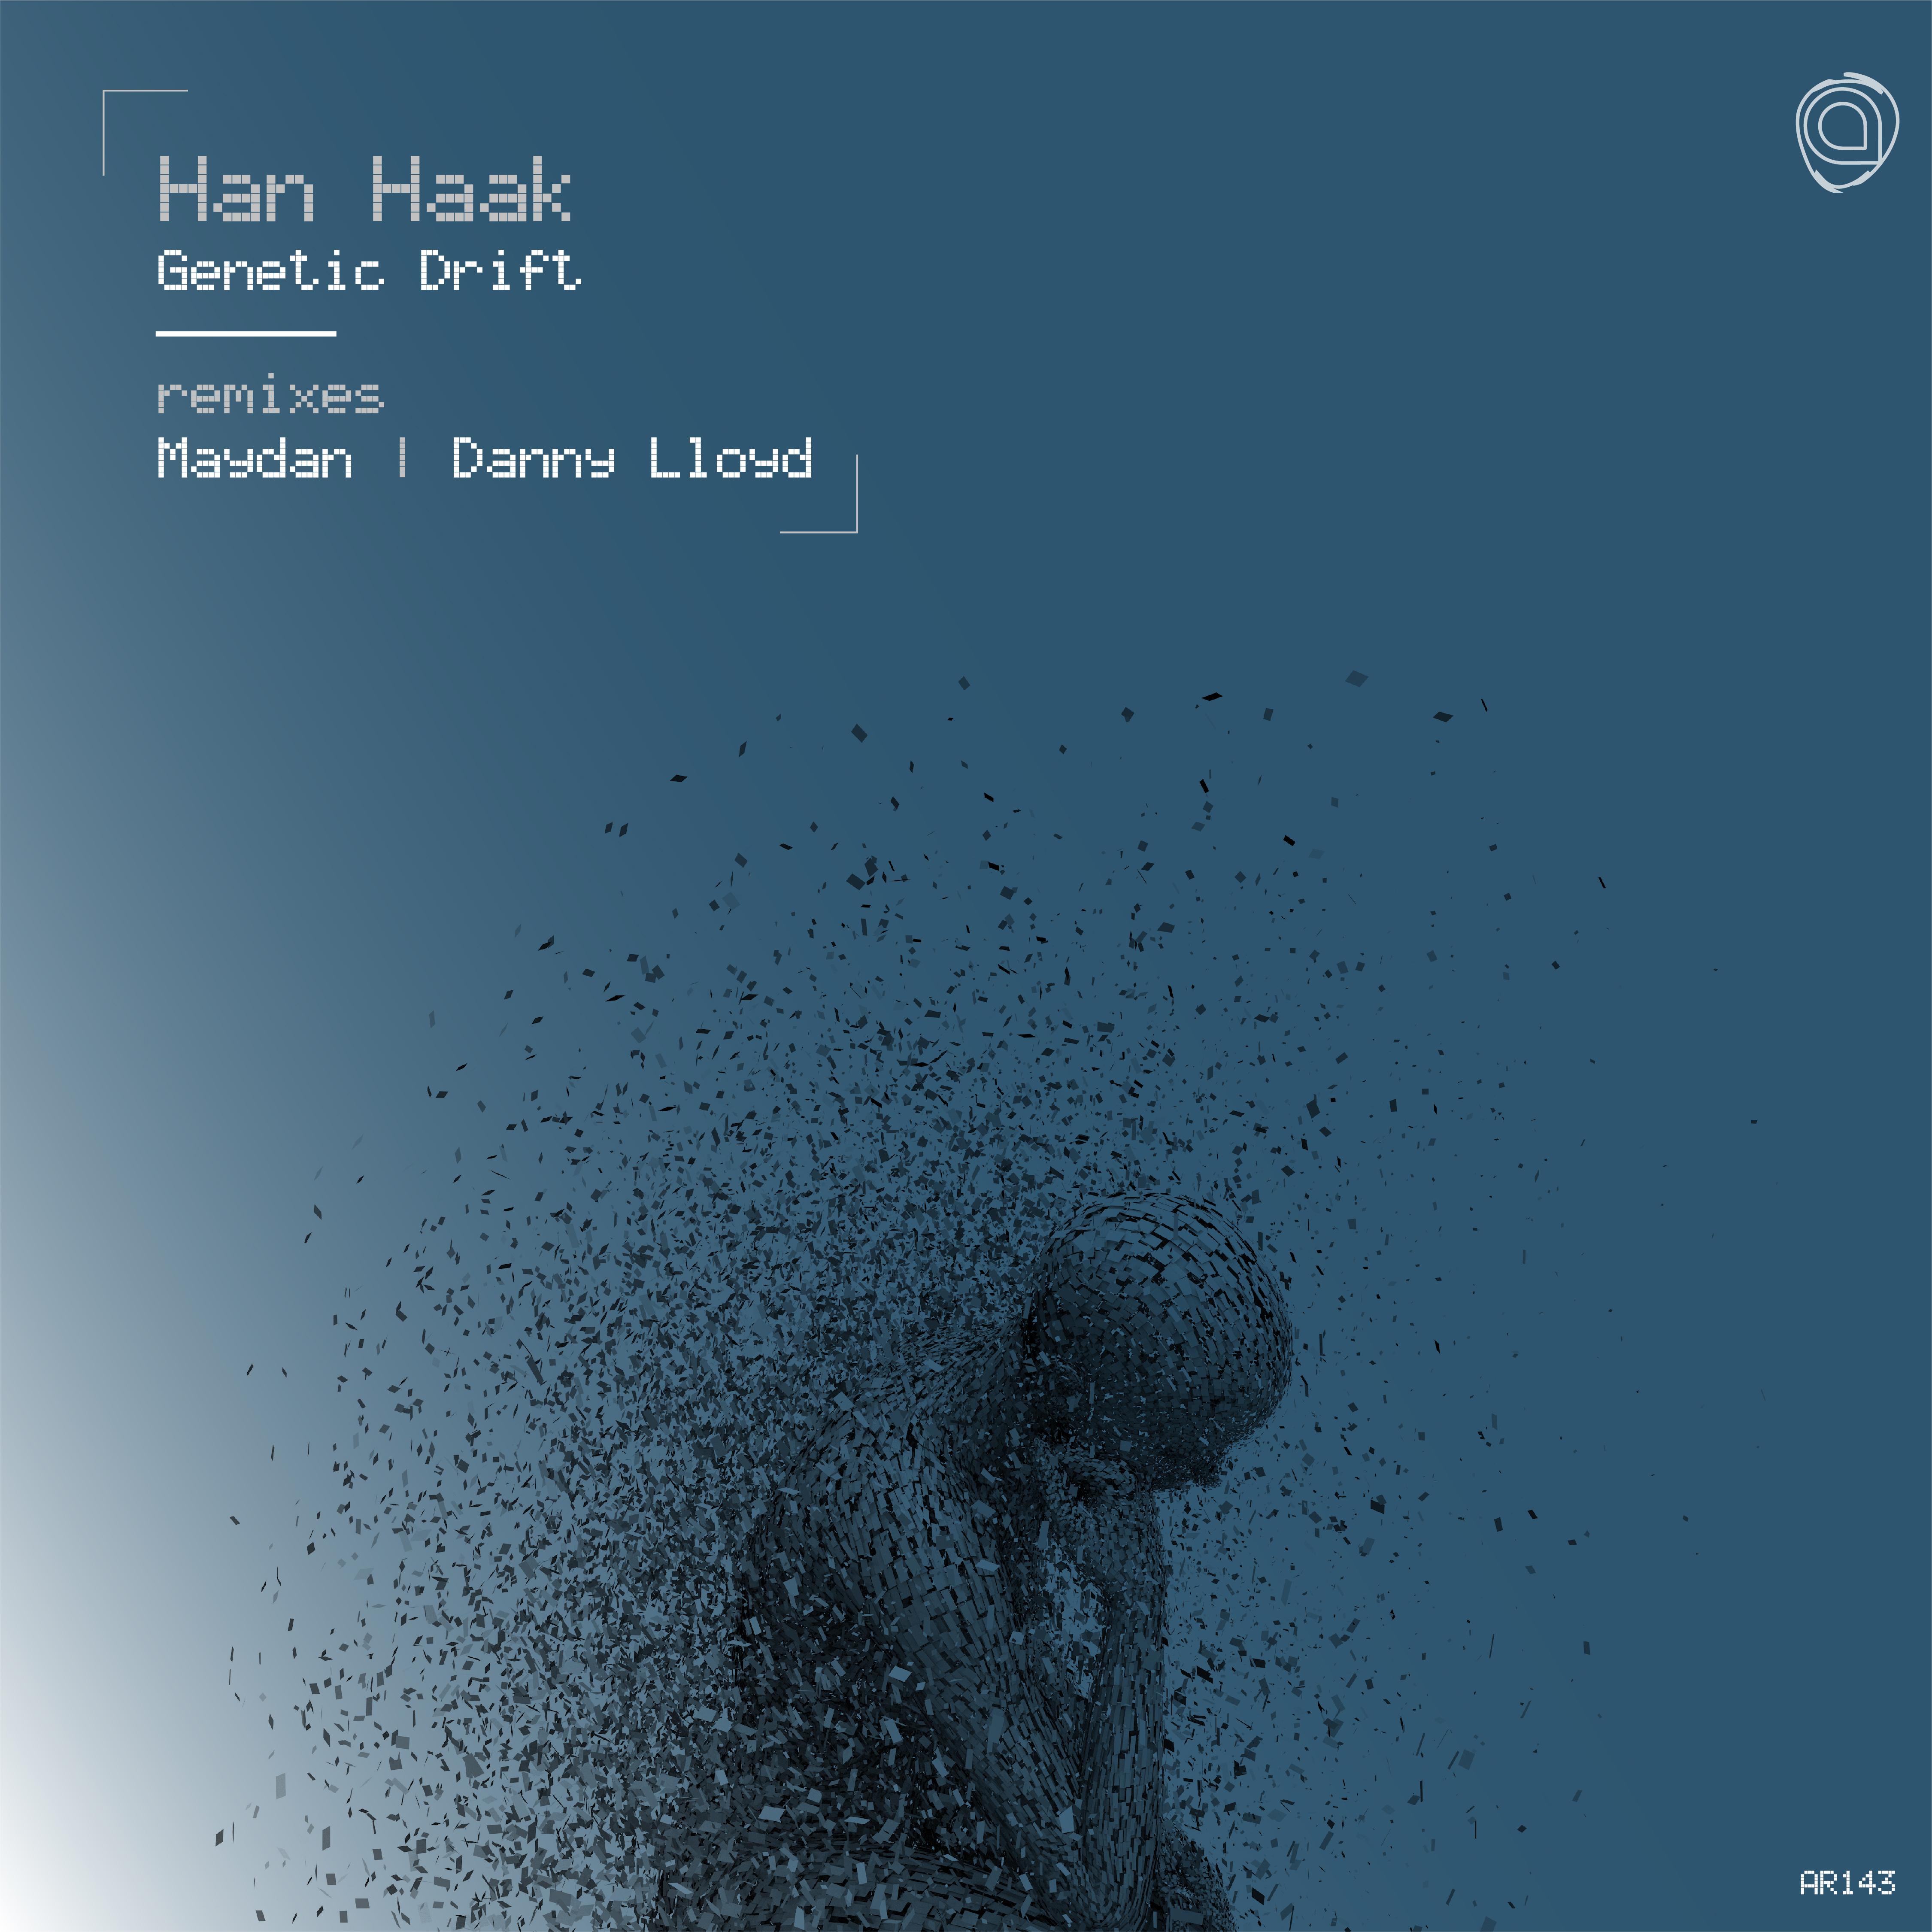 ar143_-_han_haak_-_genetic_drift.jpg